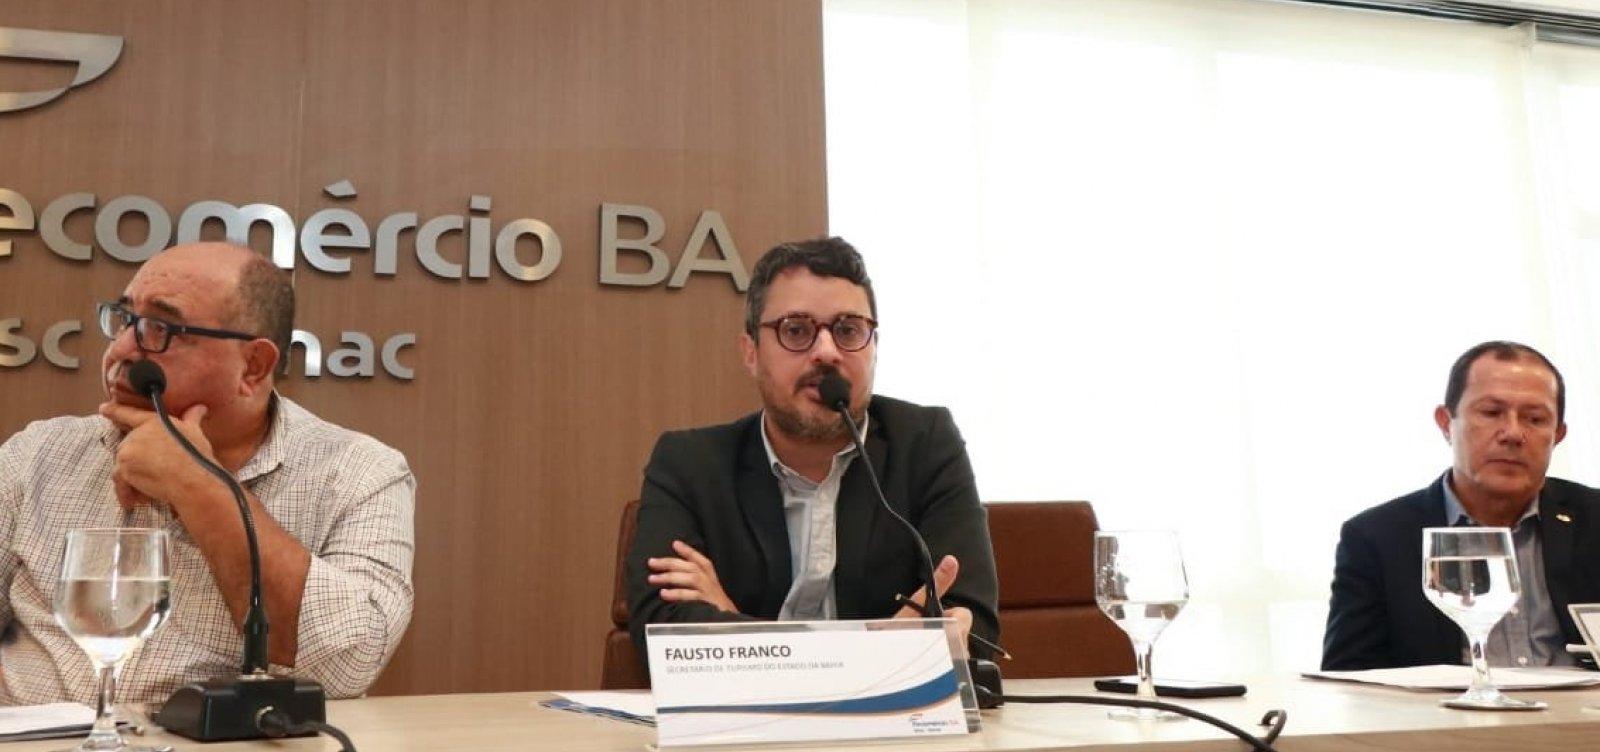 [Secretário de Turismo defende concessão do Palácio Rio Branco: 'É melhor deixar acabar?']